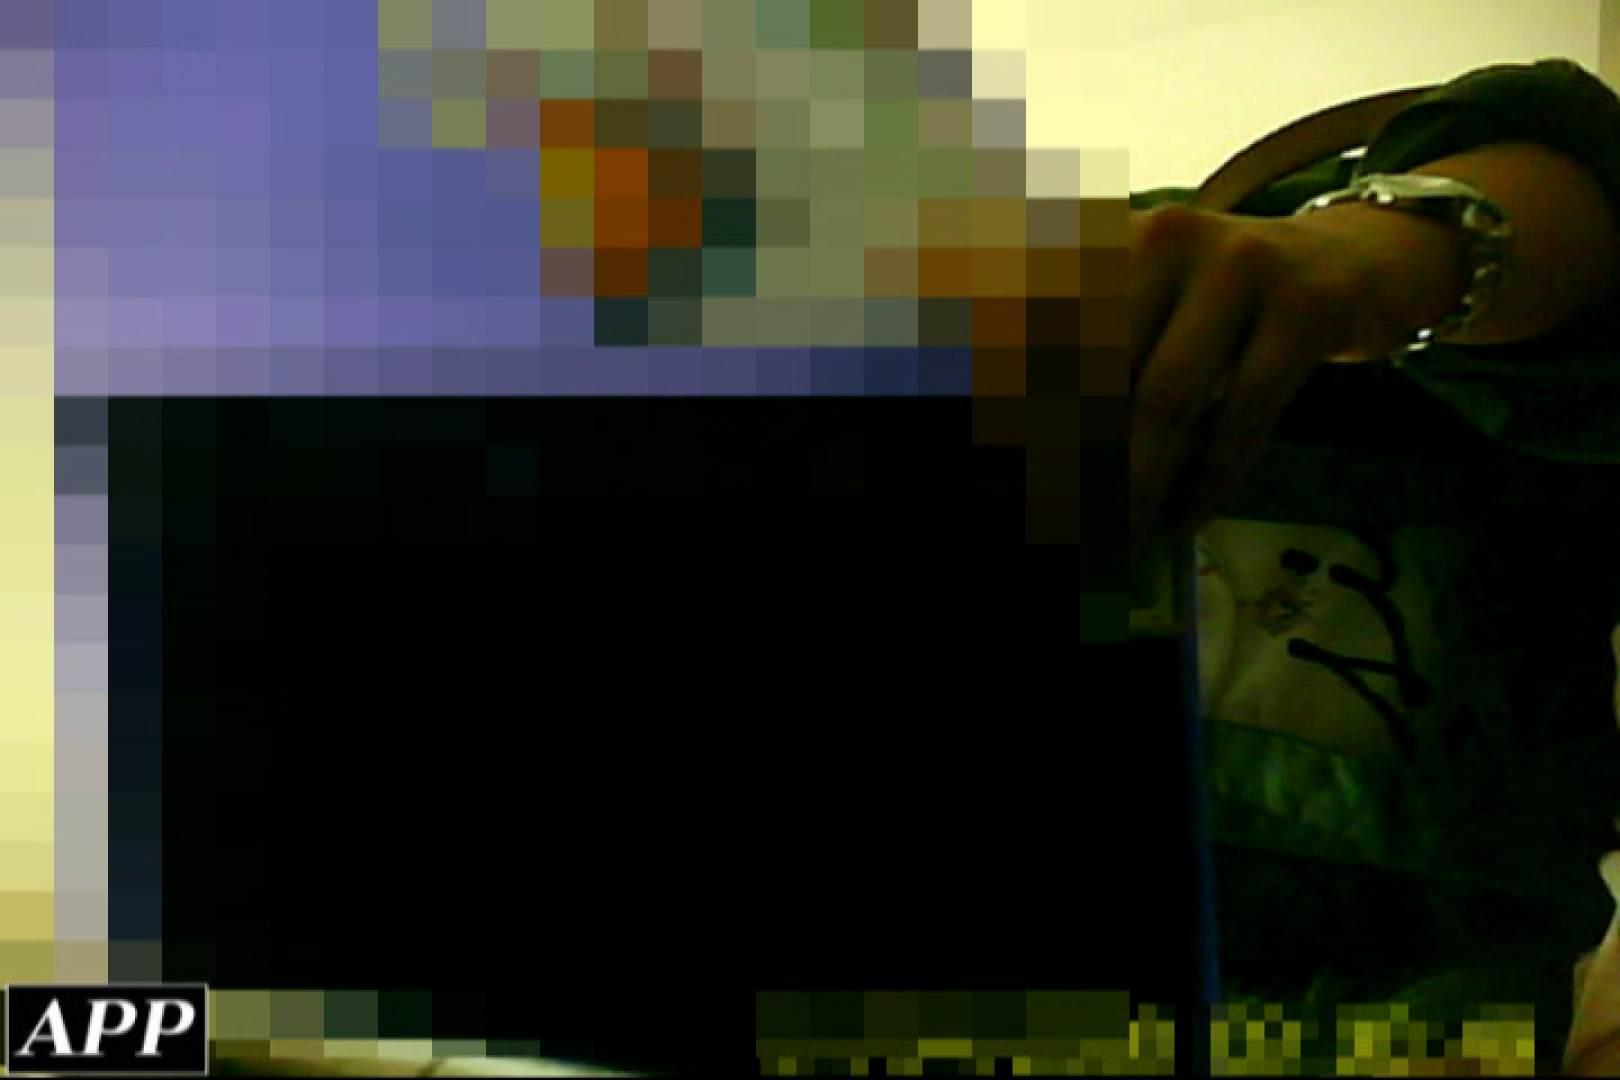 3視点洗面所 vol.118 洗面所 オマンコ無修正動画無料 88PIX 56